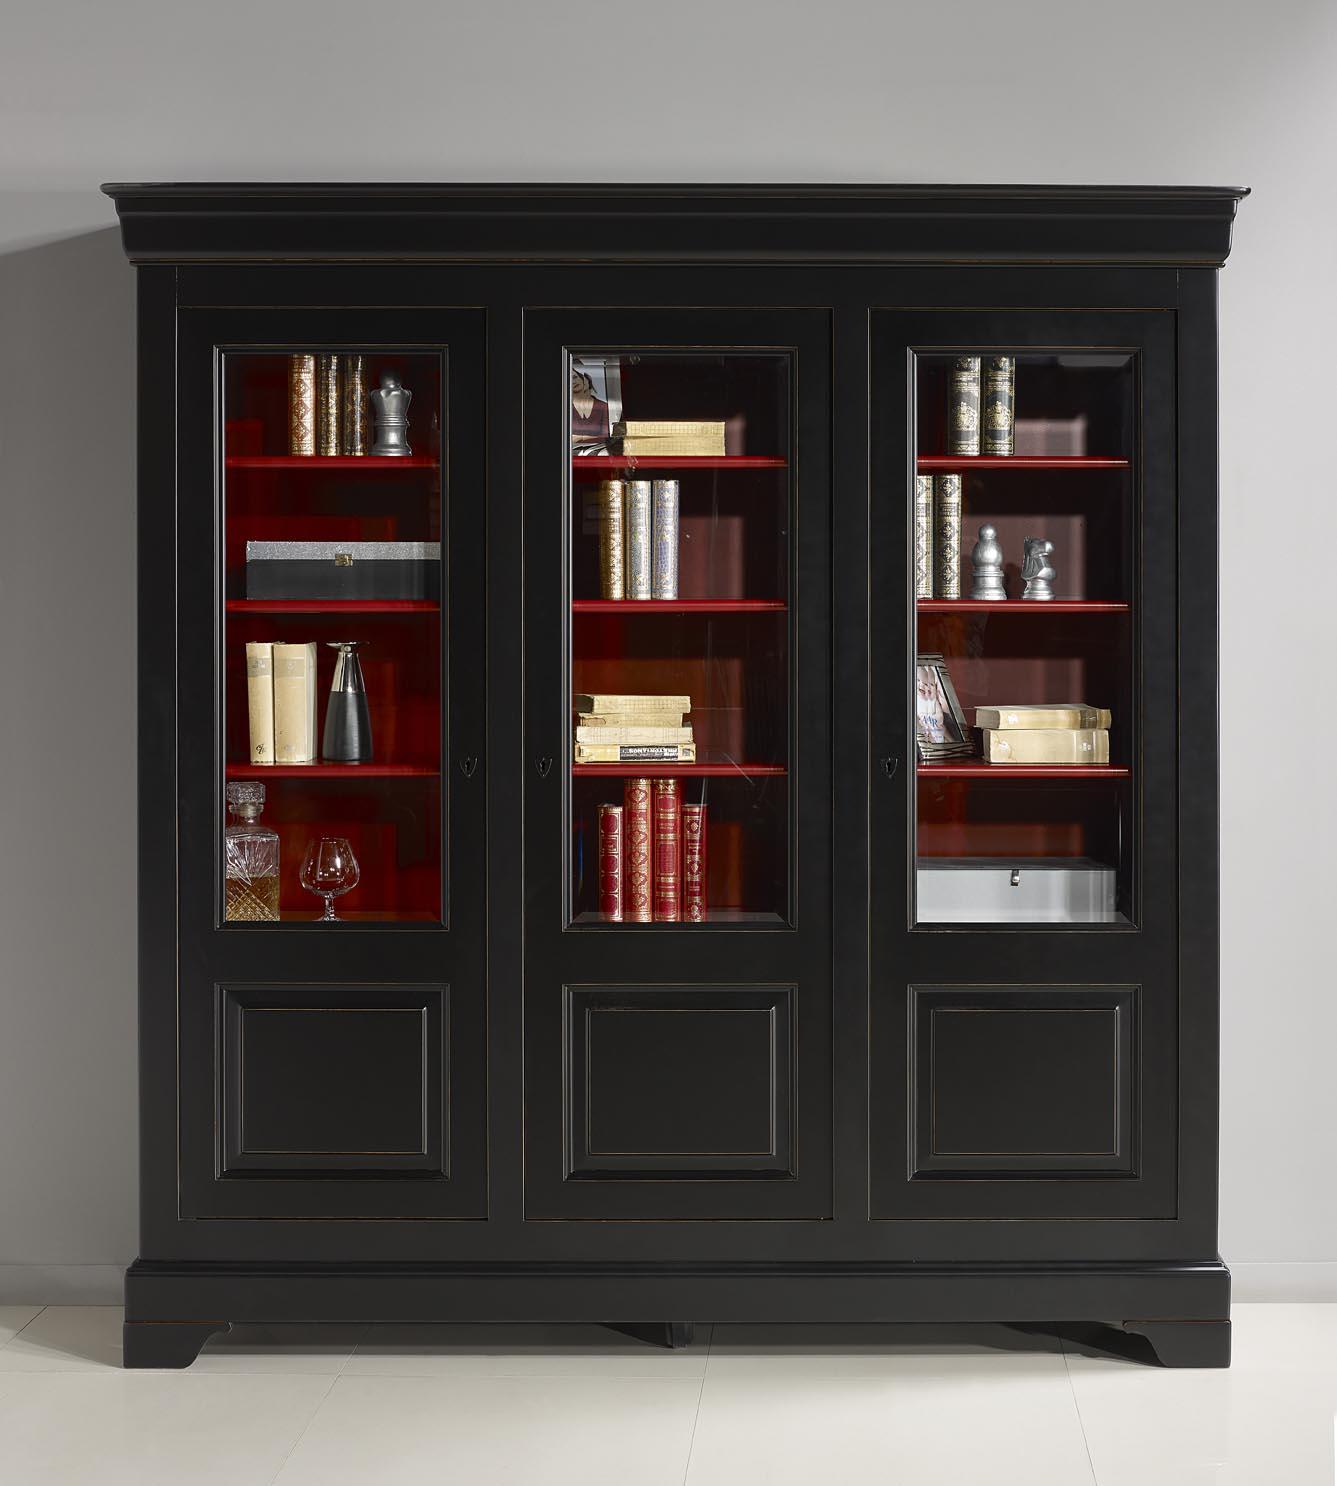 Bibliotheque Portes Flore Realisee En Merisier Massif De Style Louis Philippe Patine Noir Et Rouge L